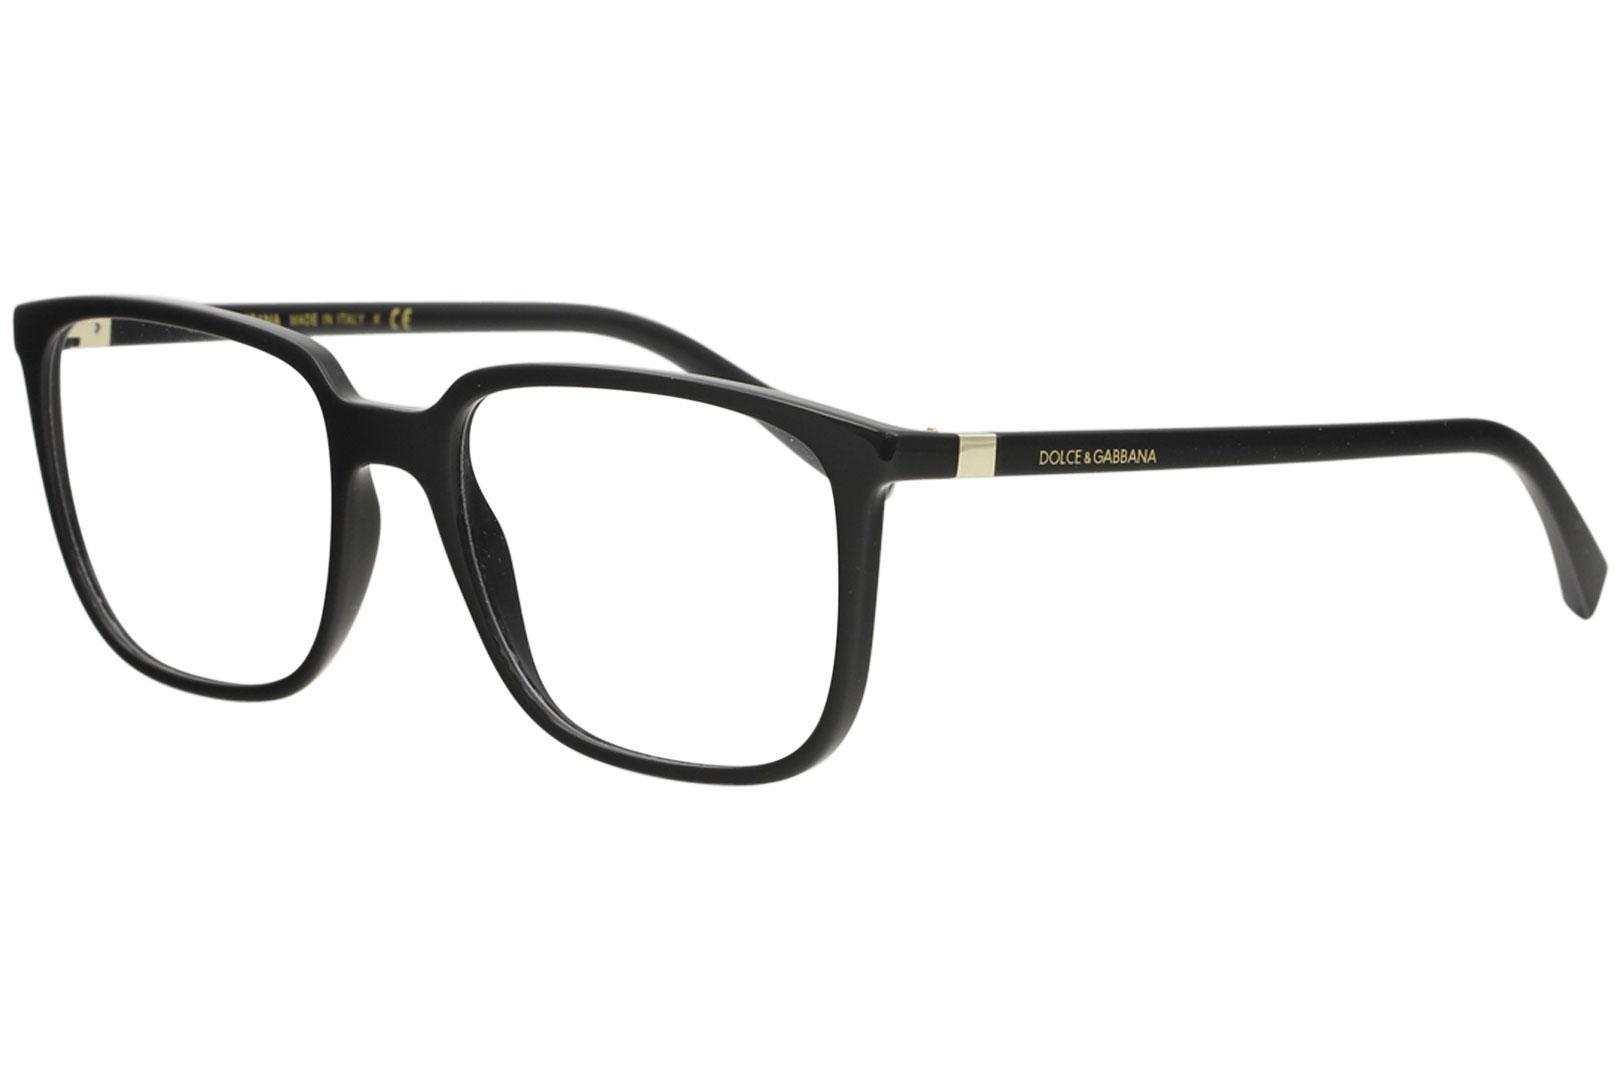 Dolce gabbana mens eyeglasses full rim optical jpg 1620x1080 Dolce and gabbana  eyeglasses for men c8c5eb18d645